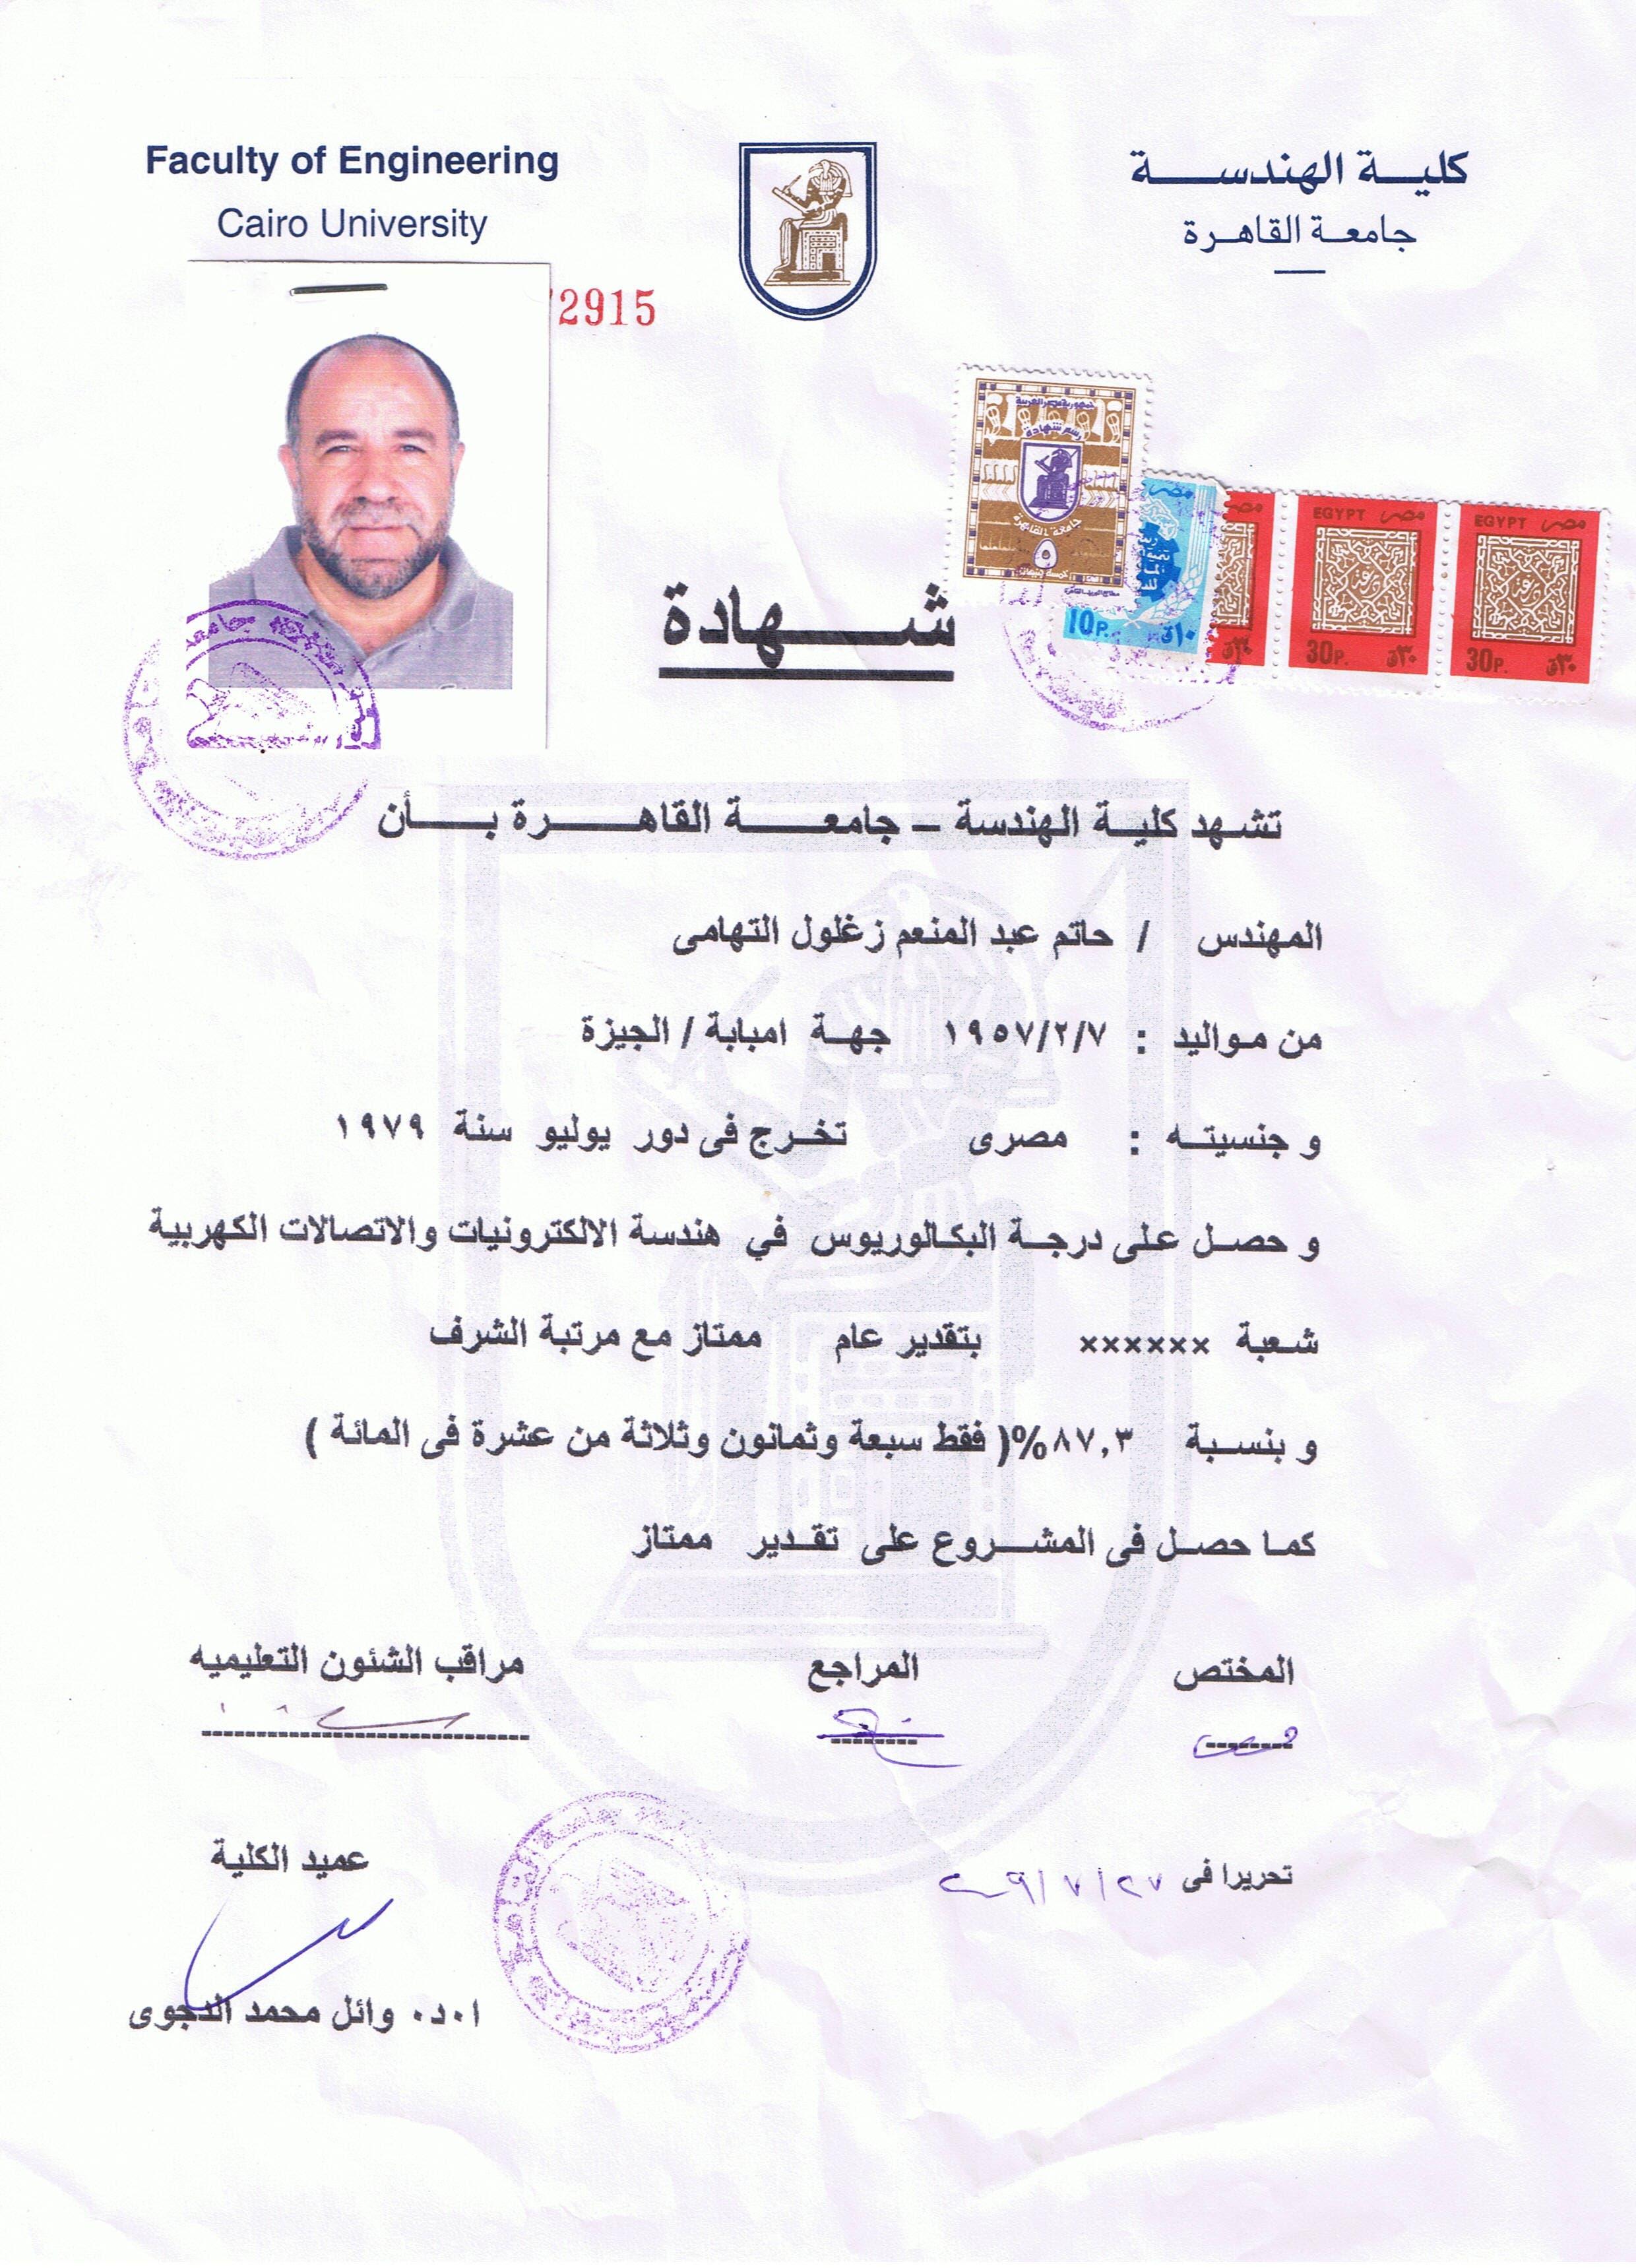 شهادة تخرج حاتم زغلول